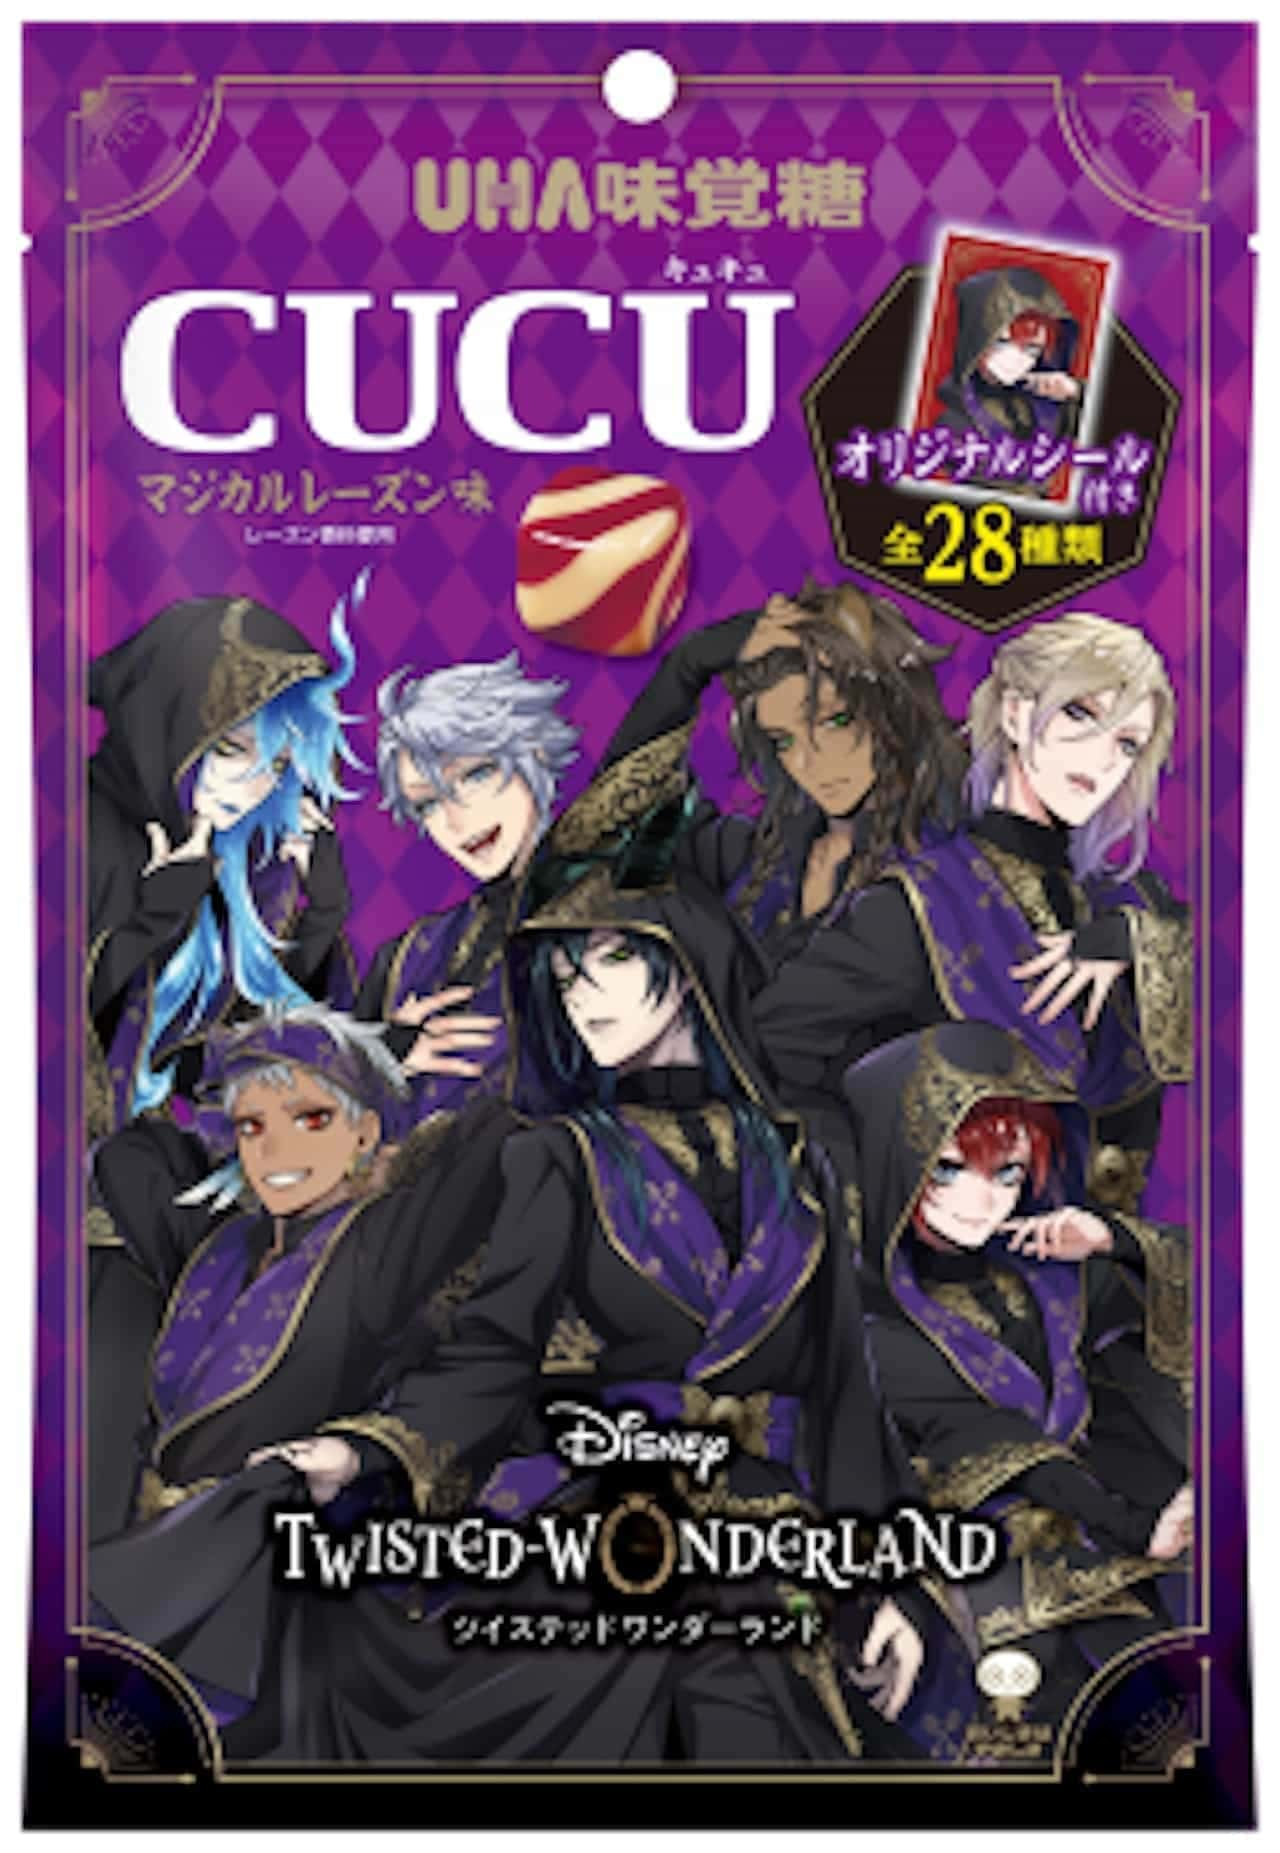 「CUCU マジカルレーズン味」ディズニー ツイステッドワンダーランドデザイン商品第5弾